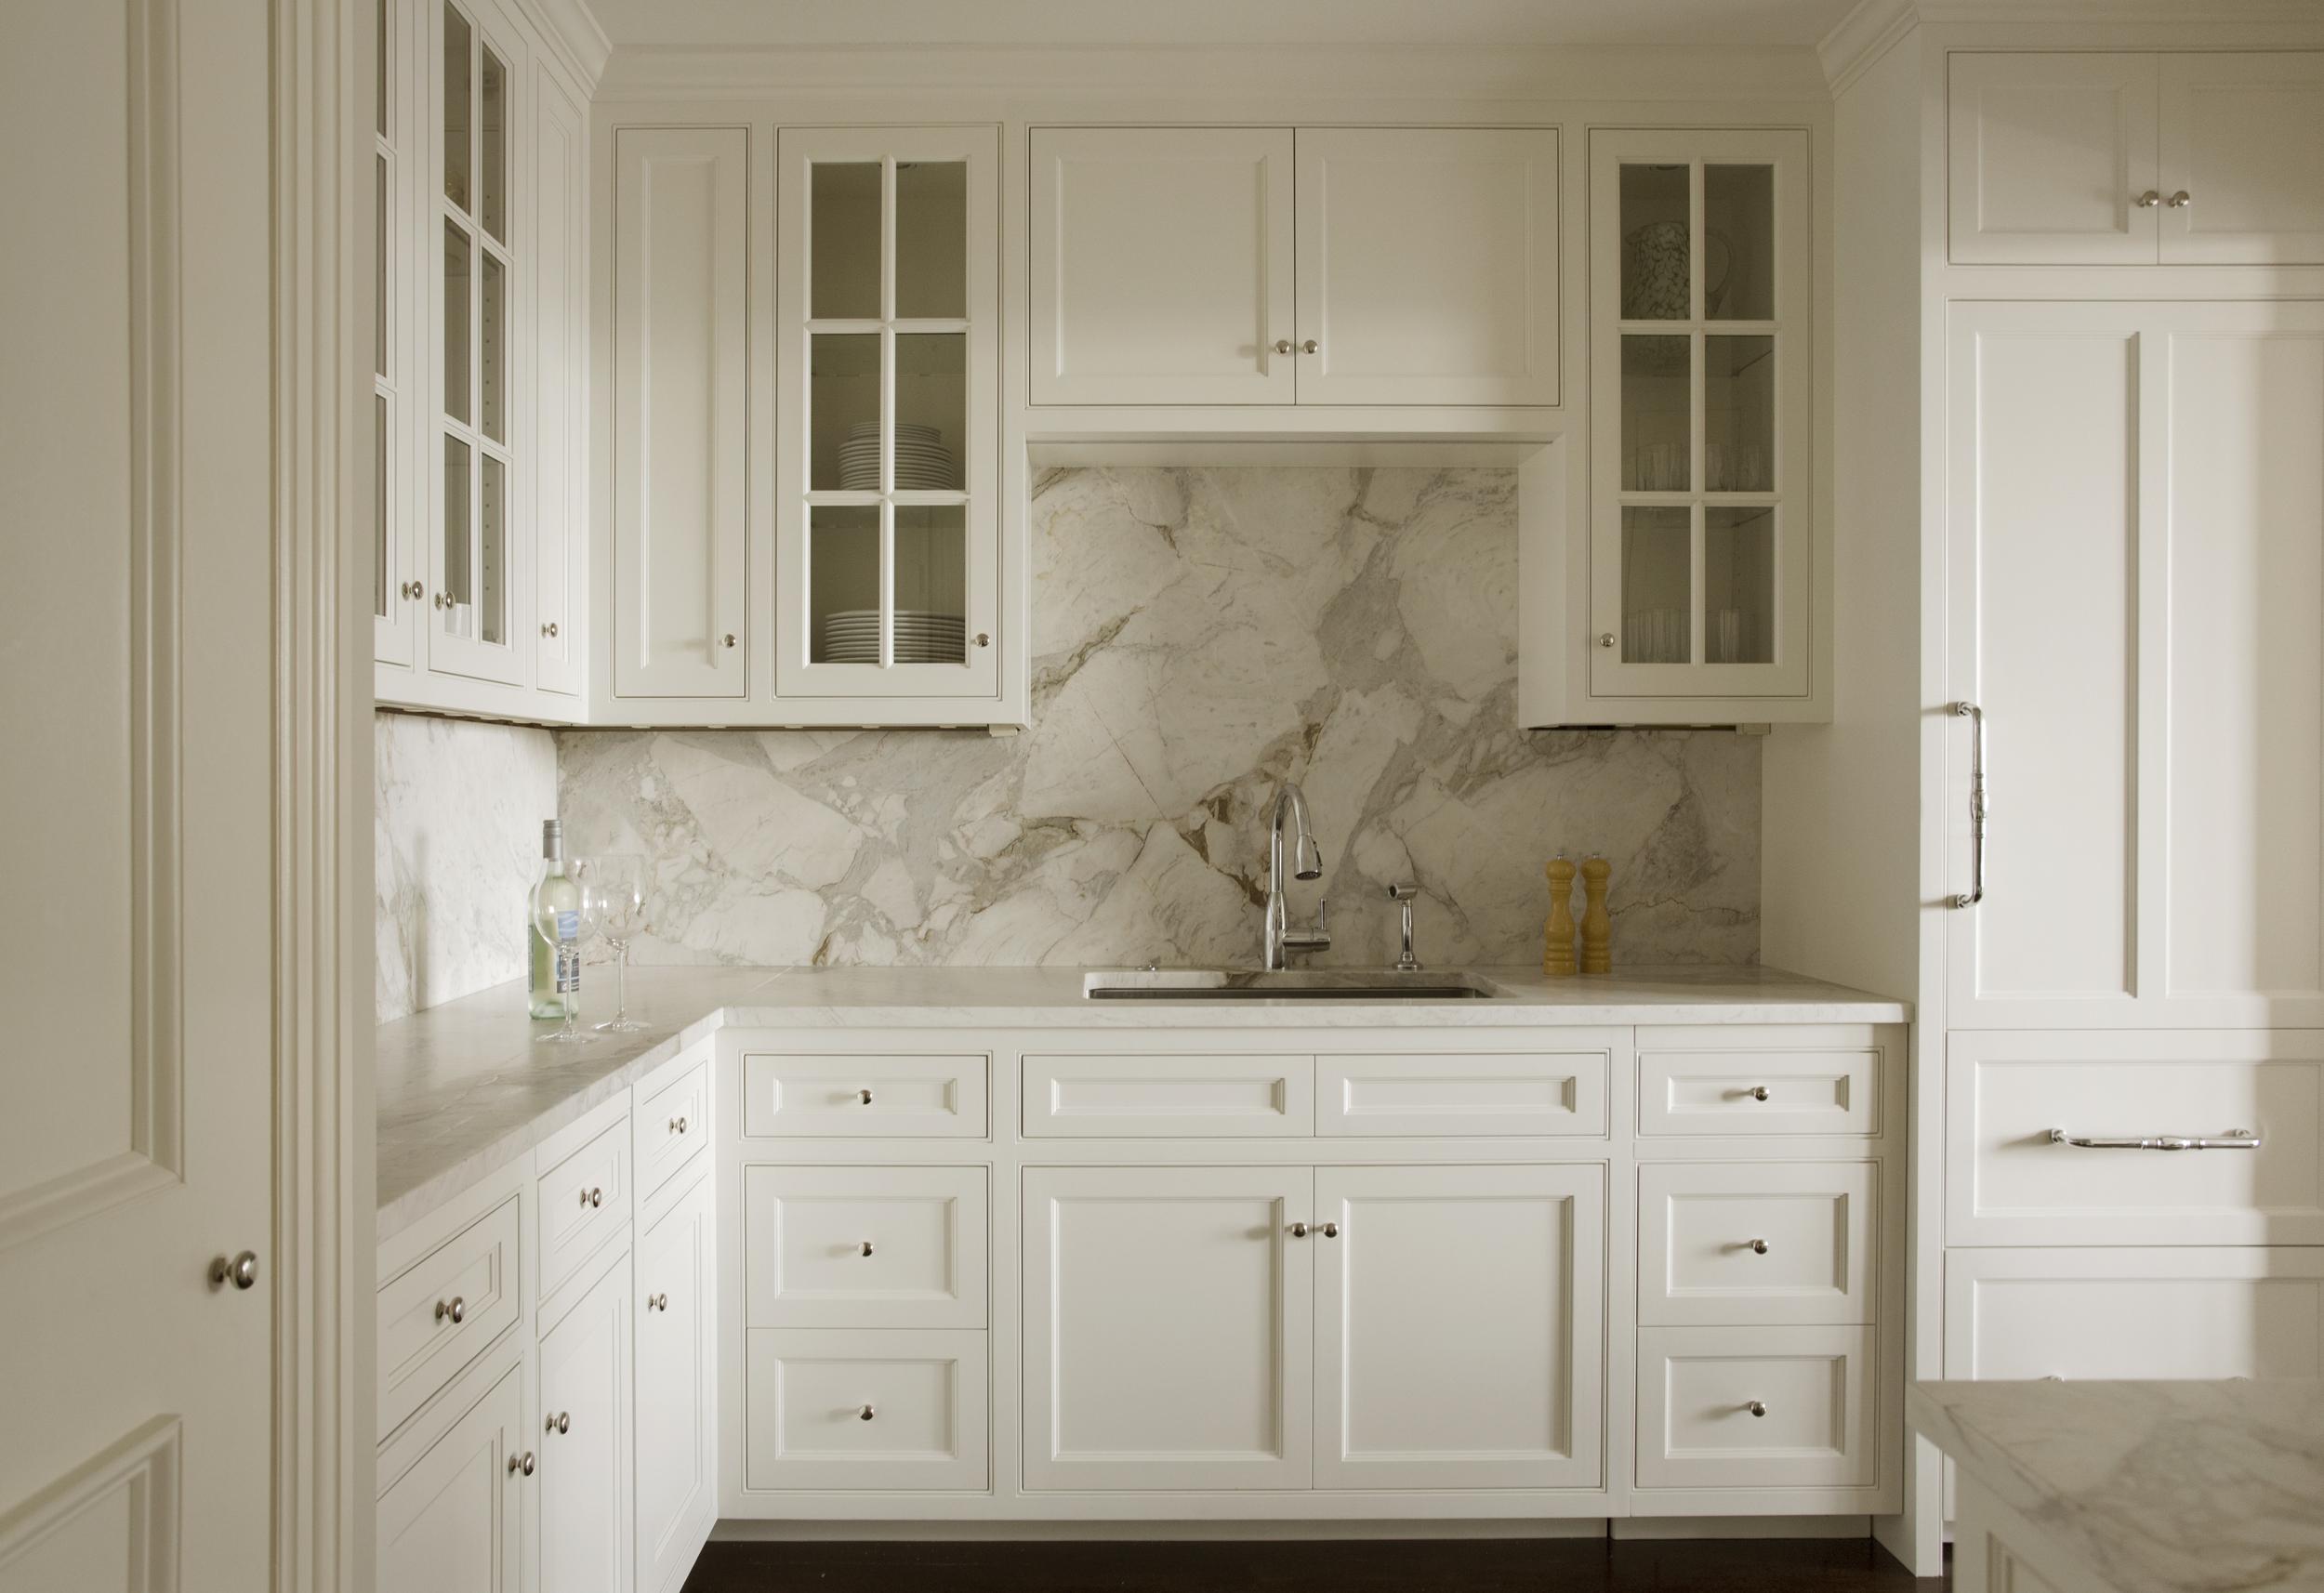 Peterson 10 12 kitchen 1.jpg